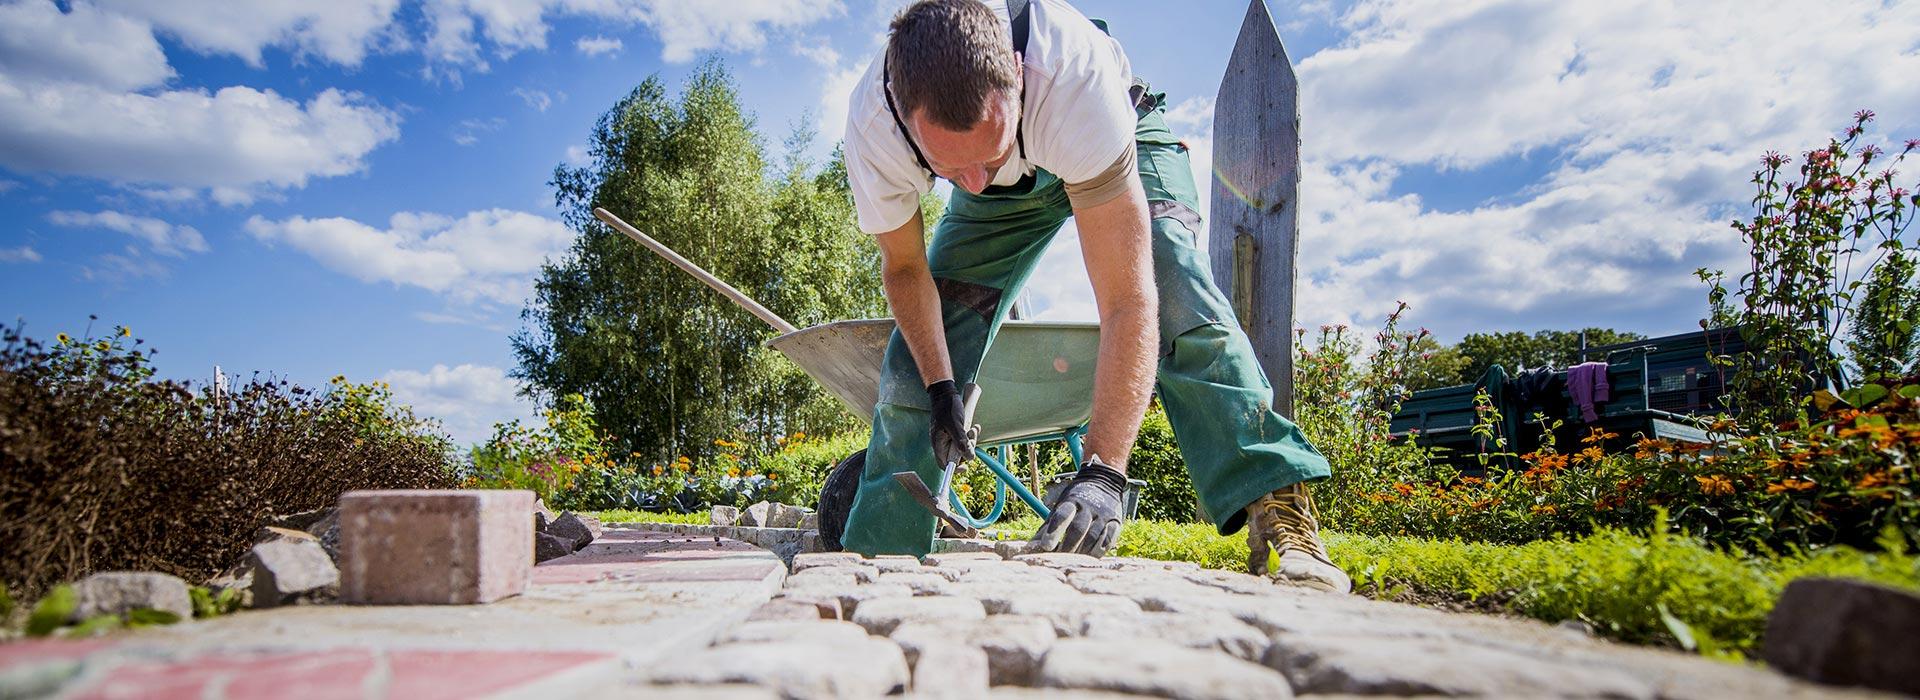 Der Garten ist das Aushängeschild Ihres Hauses